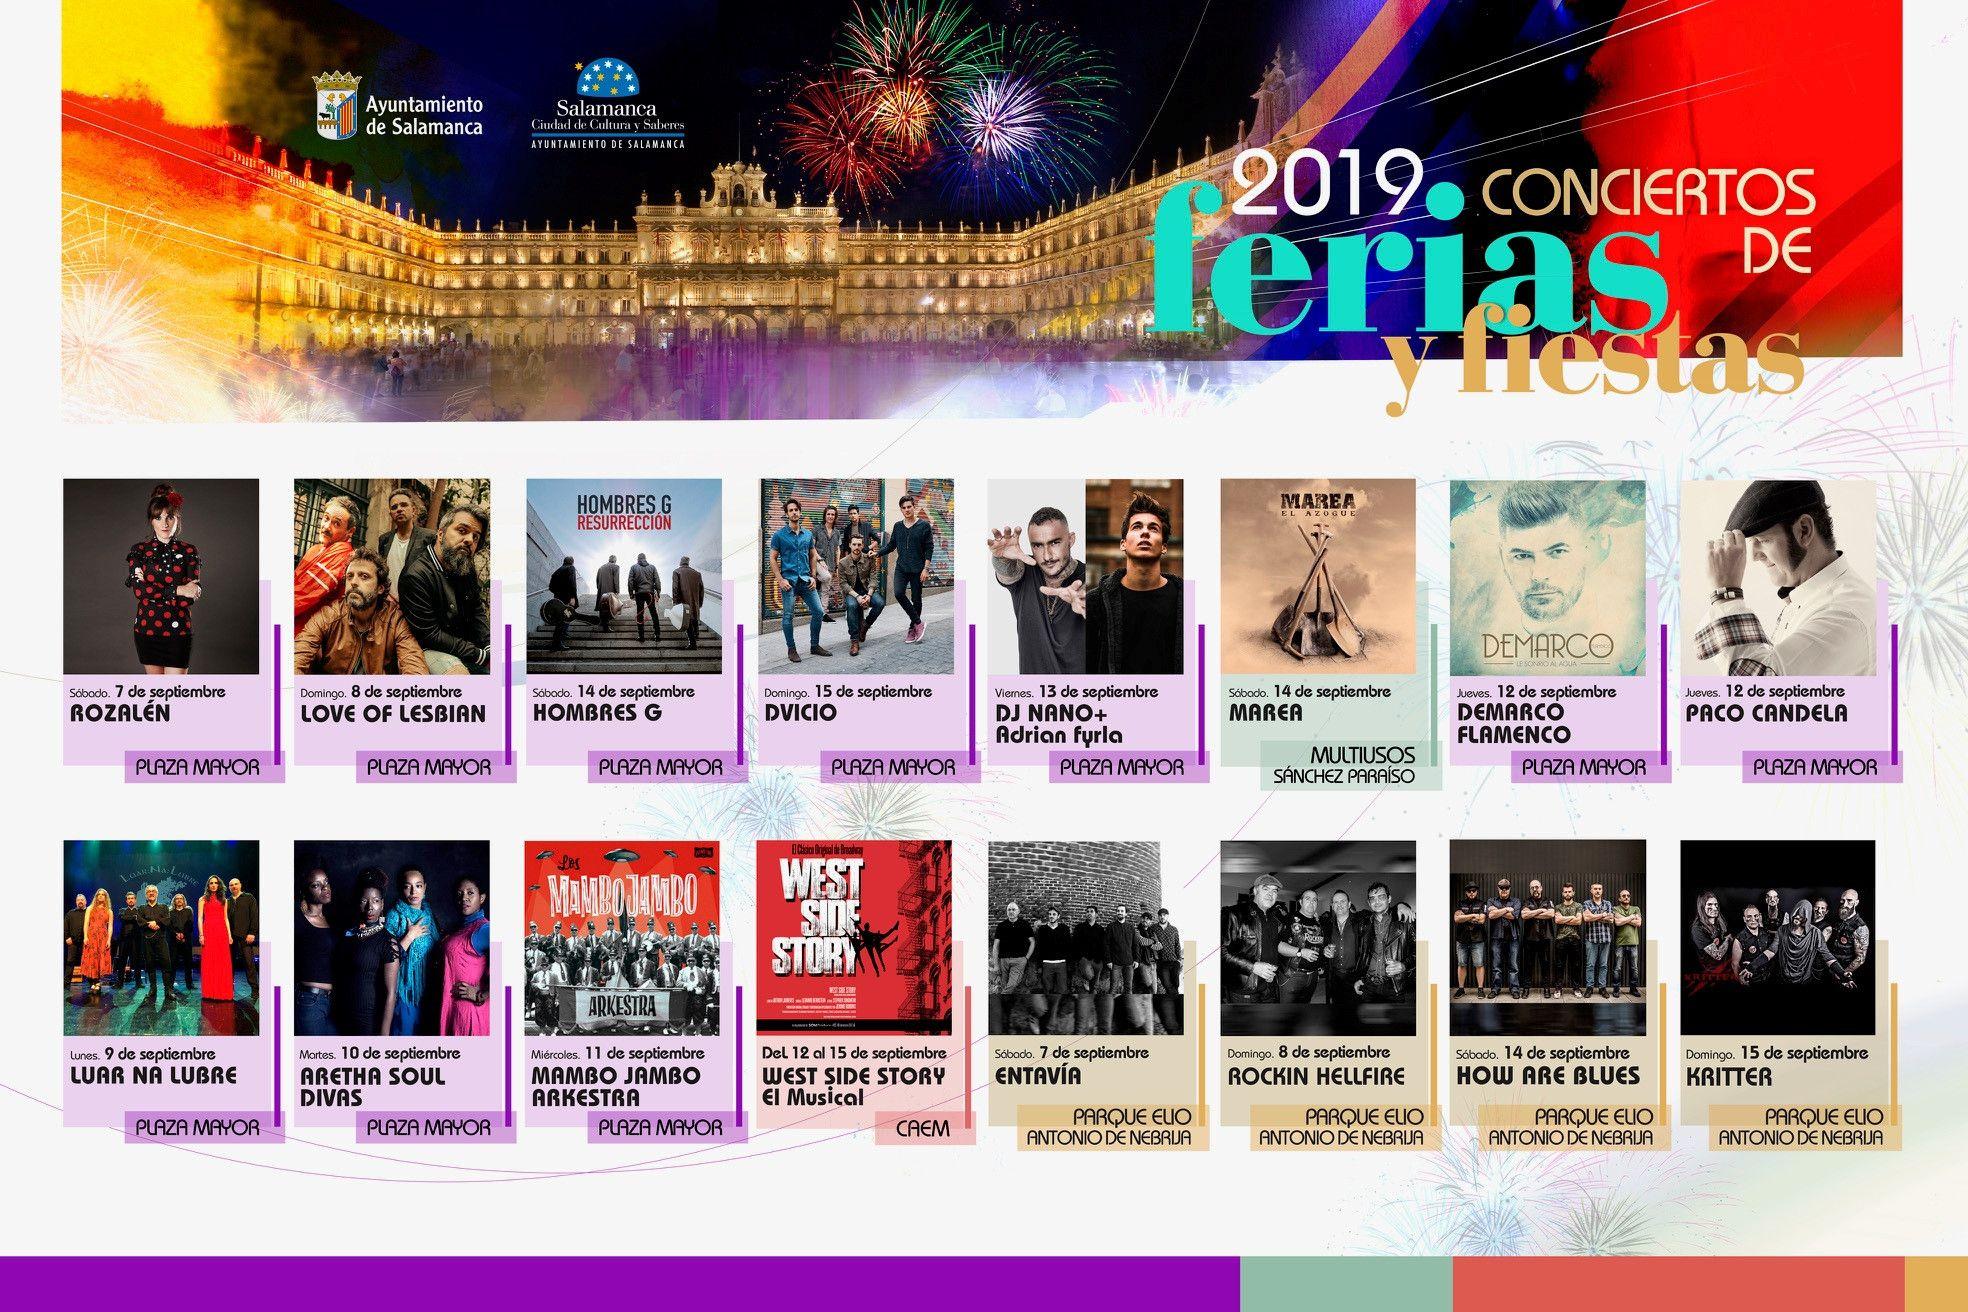 Conciertos Ferias y Fiestas 2019